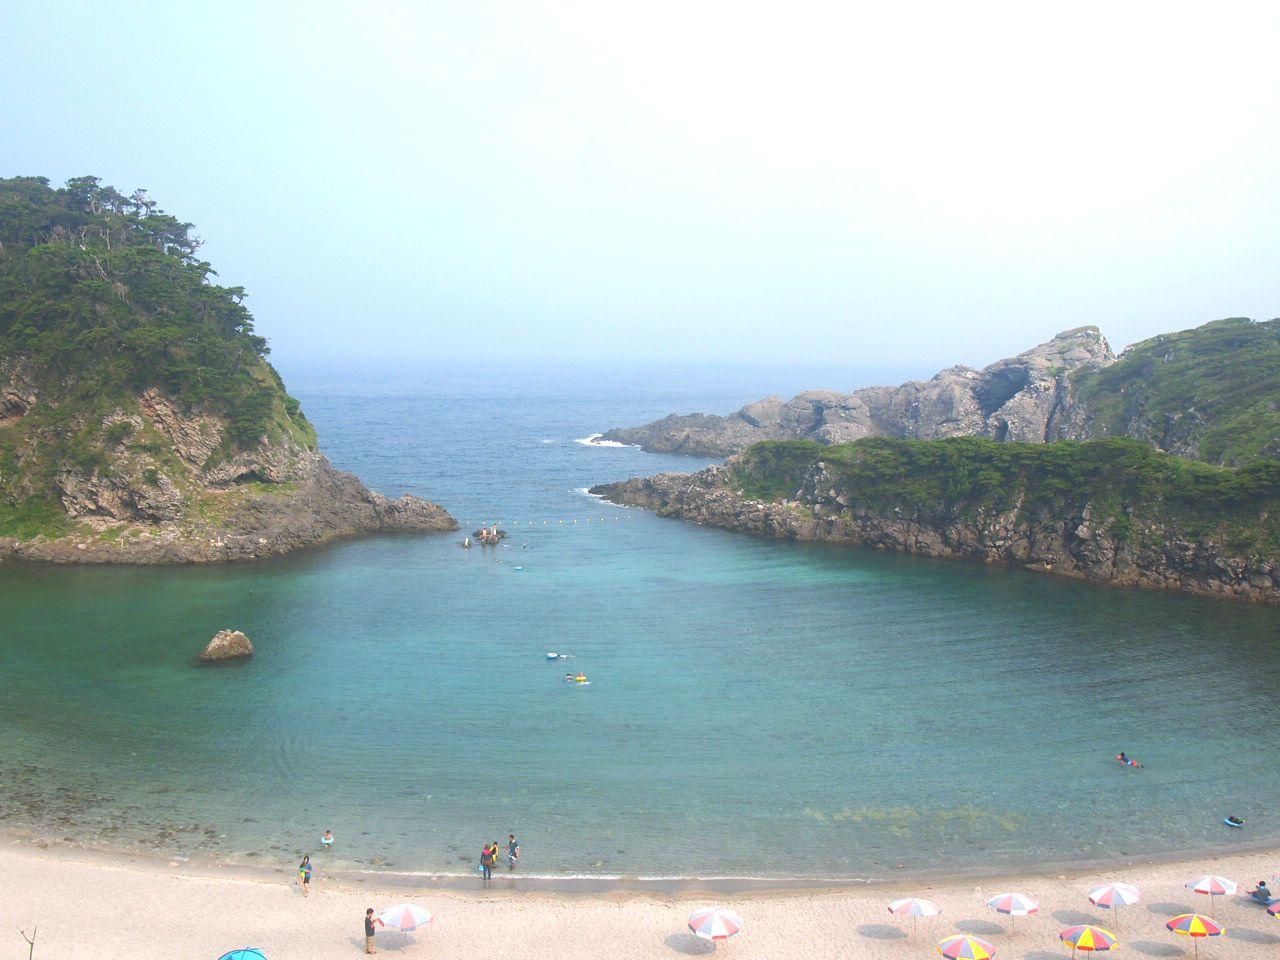 ゆったり派におすすめ!!プライベートビーチ感のある泊港海水浴場